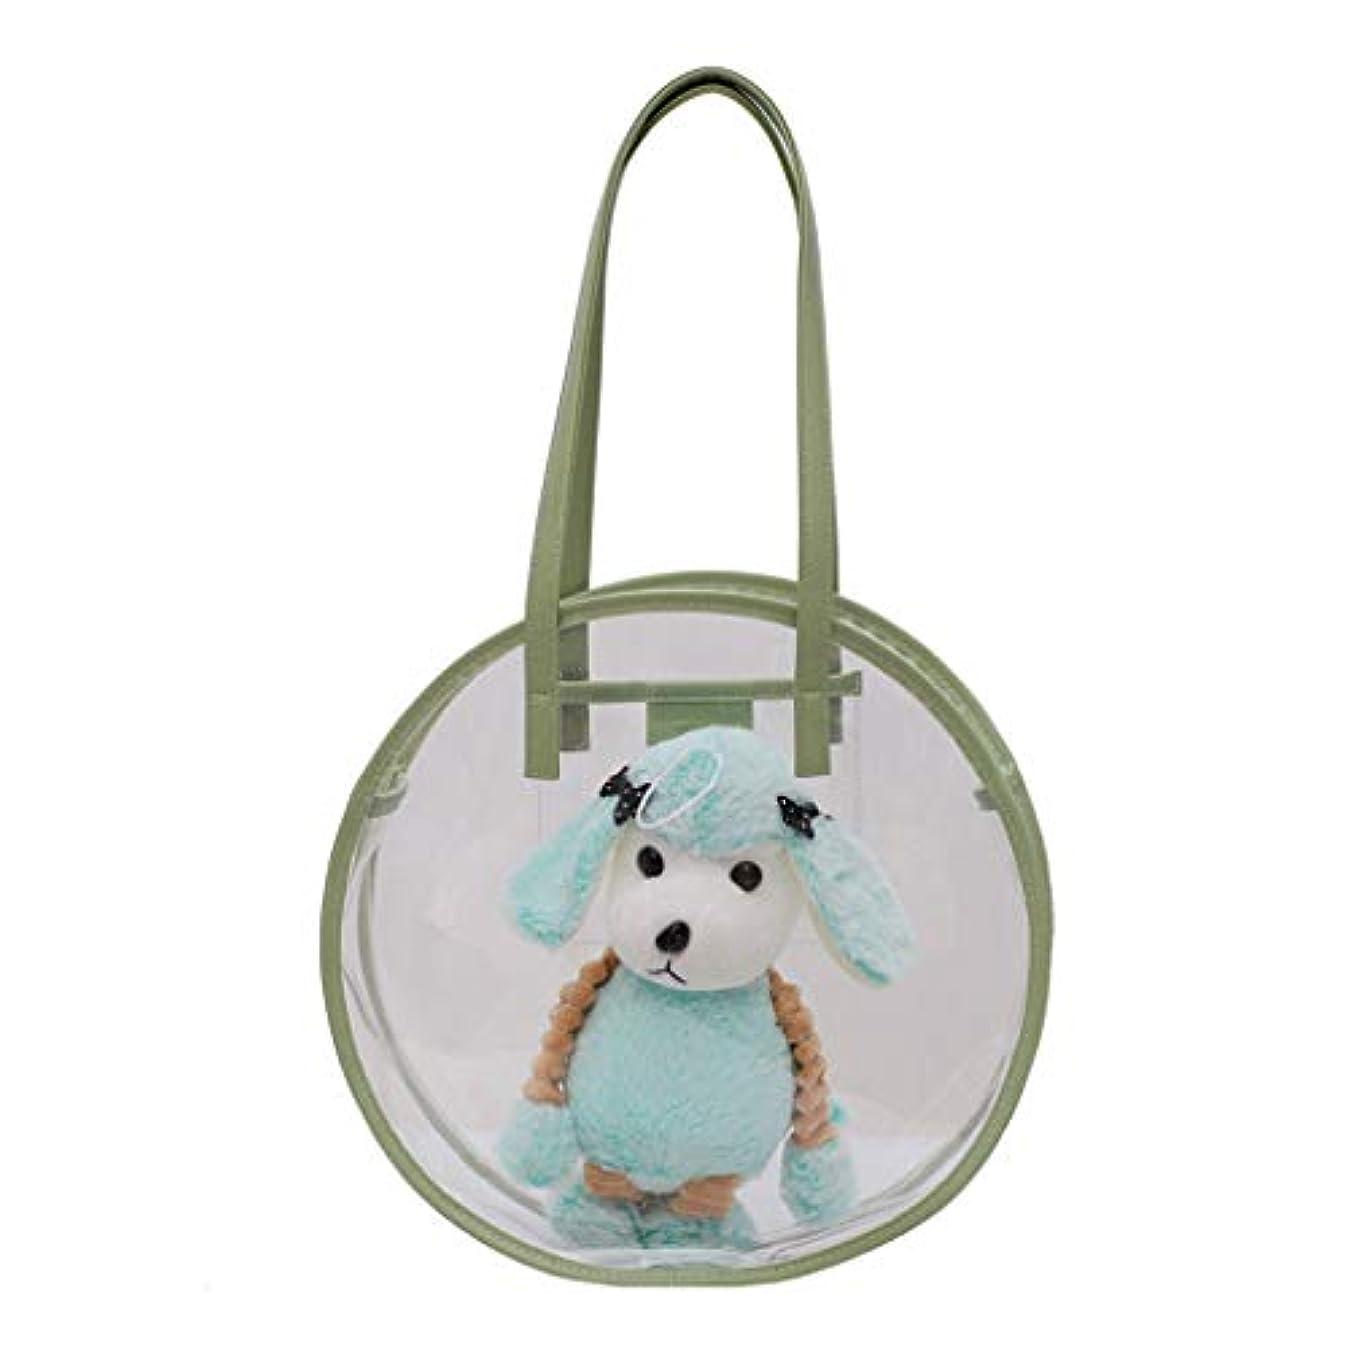 大理石プレーヤーシャベルかわいいファッション 犬の特徴 透明防水 ビーチバッグ ポータブル 透明化粧品バッグ 旅行用メイクポーチ ジッパー 防水 トートバッグ 取り外し可能 調整 33X9X33cm 3色